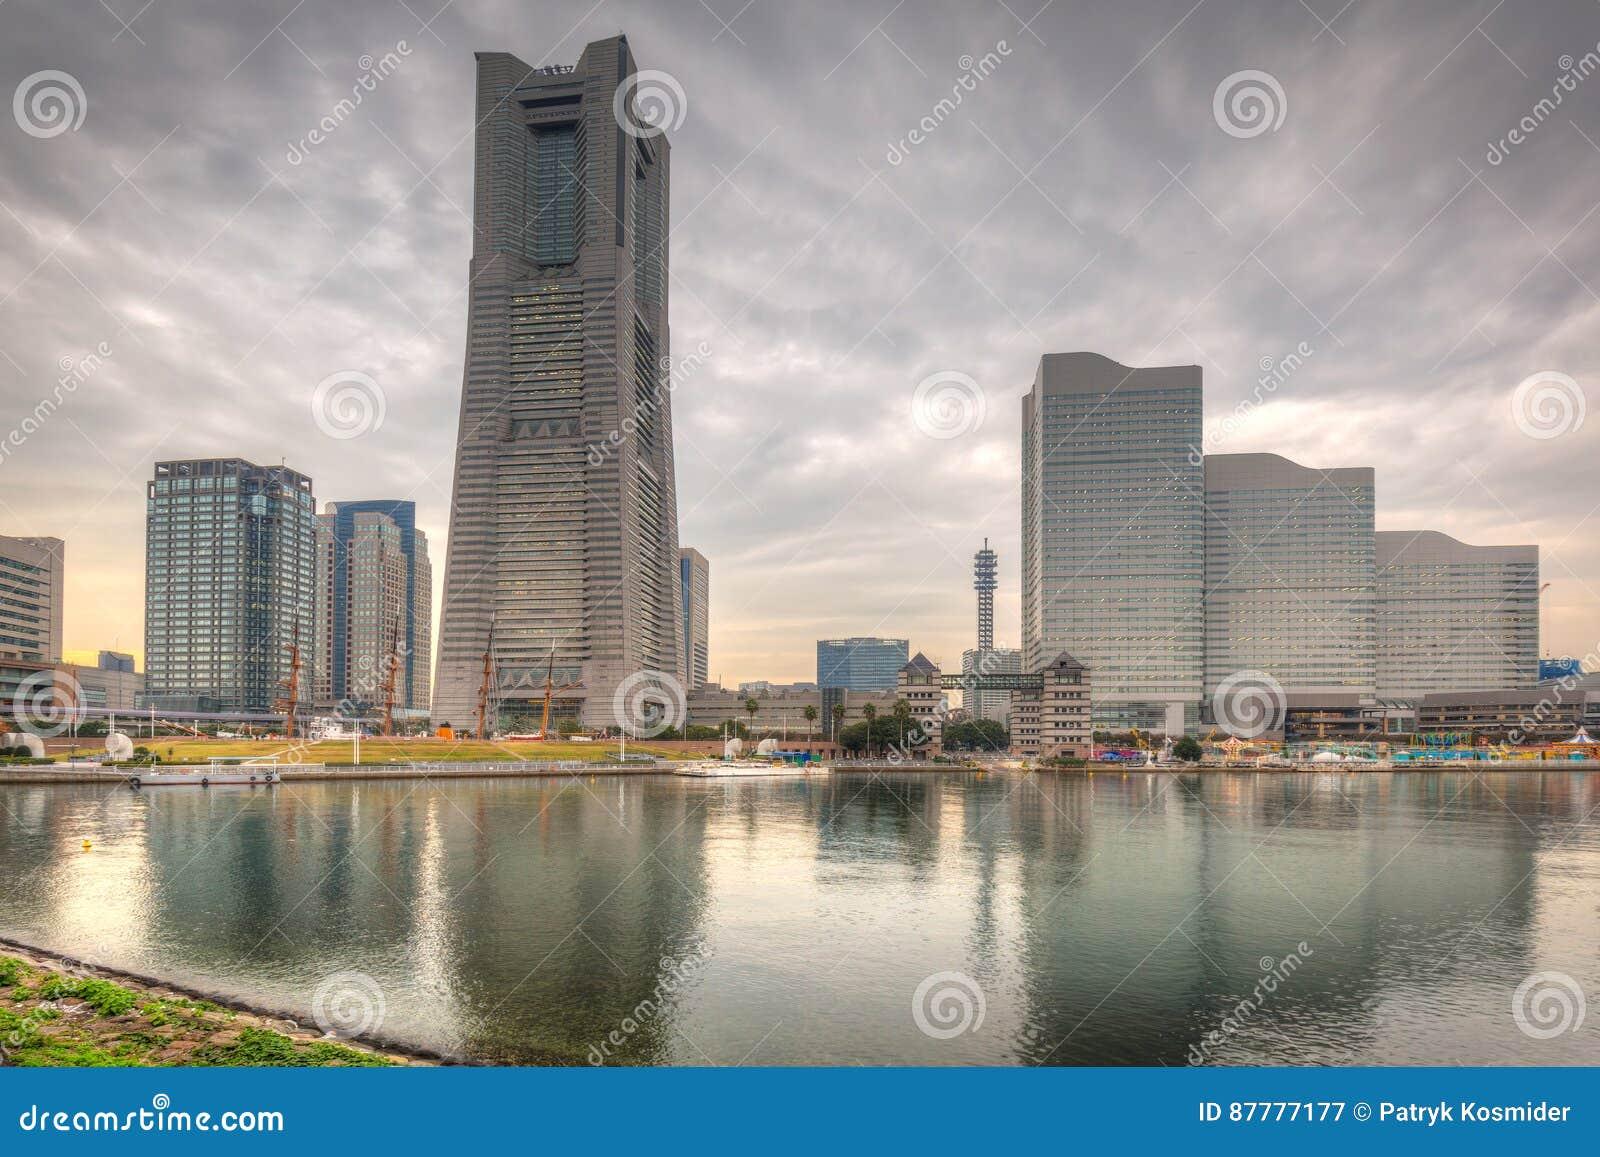 Cityscape of Yokohama, Japan